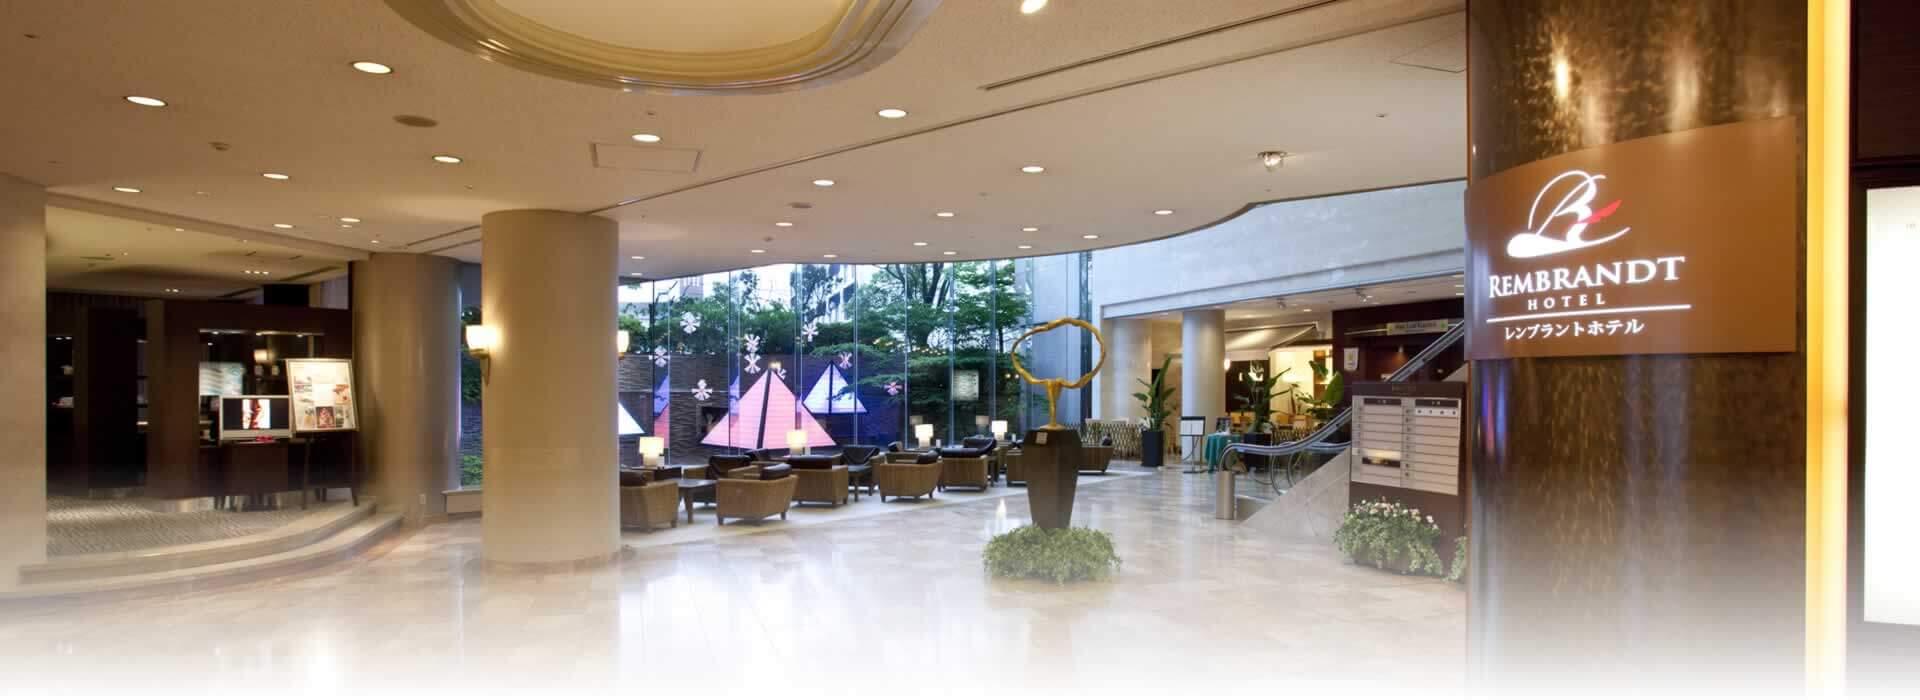 館内施設|レンブラントホテル大分【公式】レンブラントグループホテル